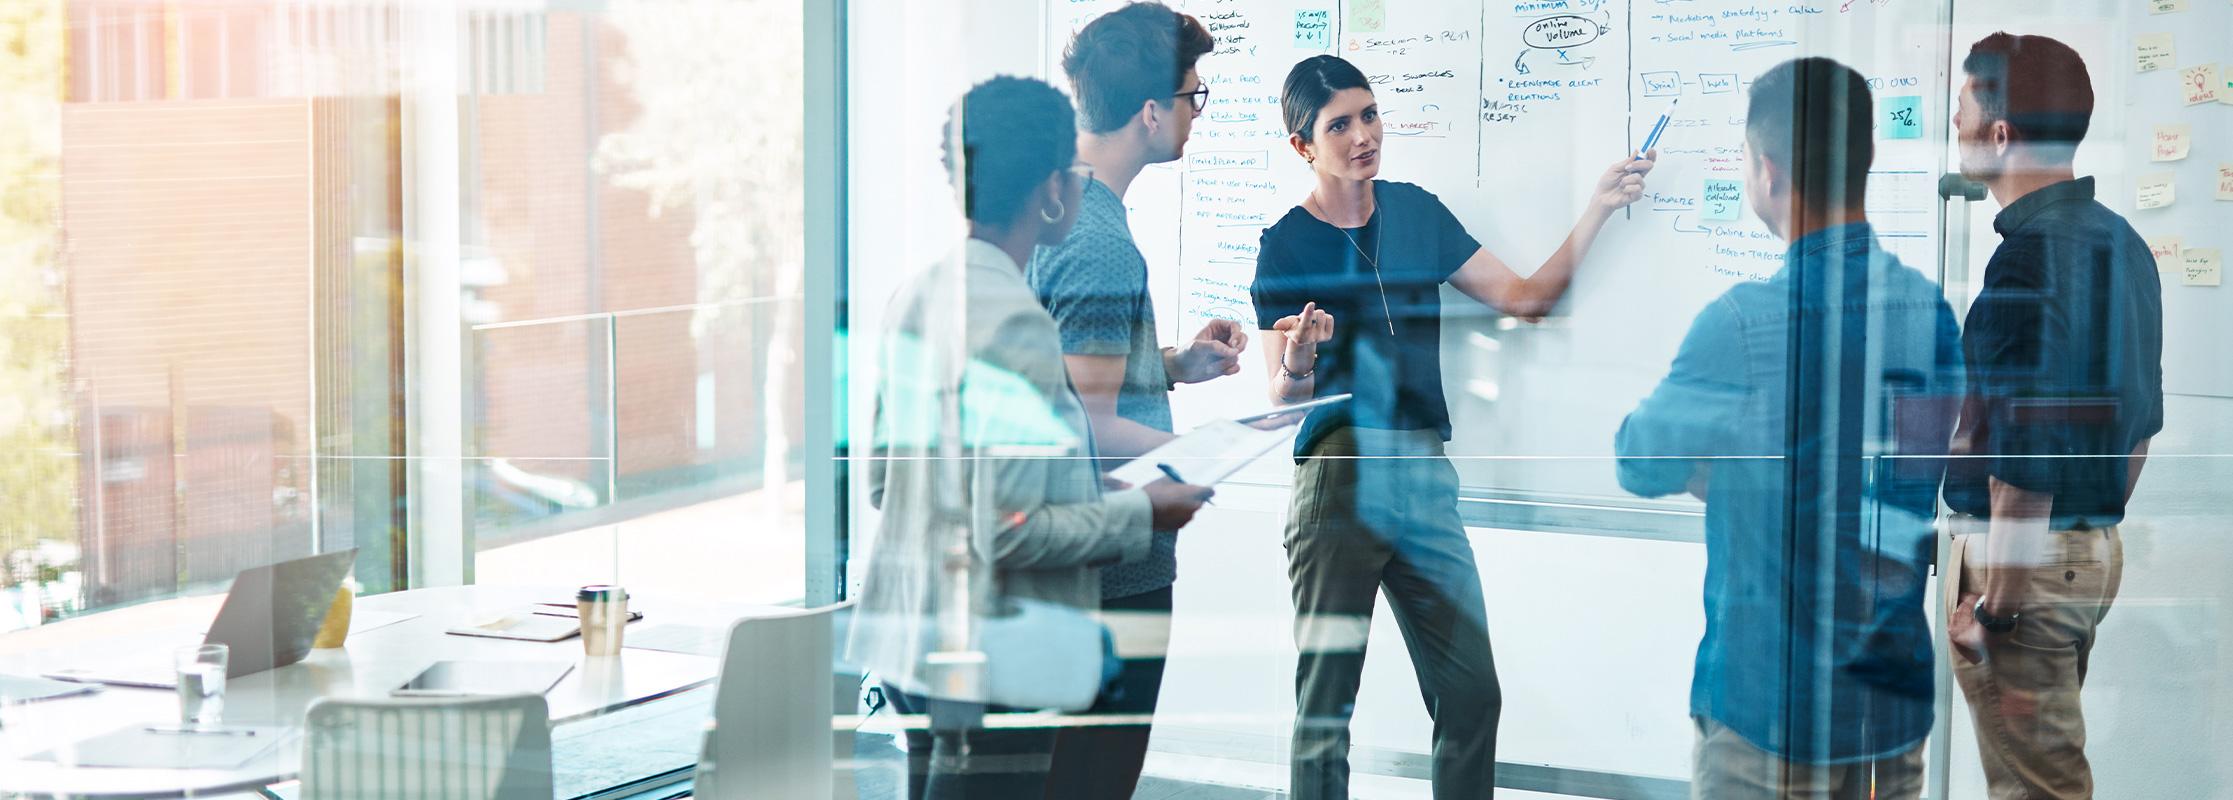 Projektmanager besprechen sich am Whiteboard